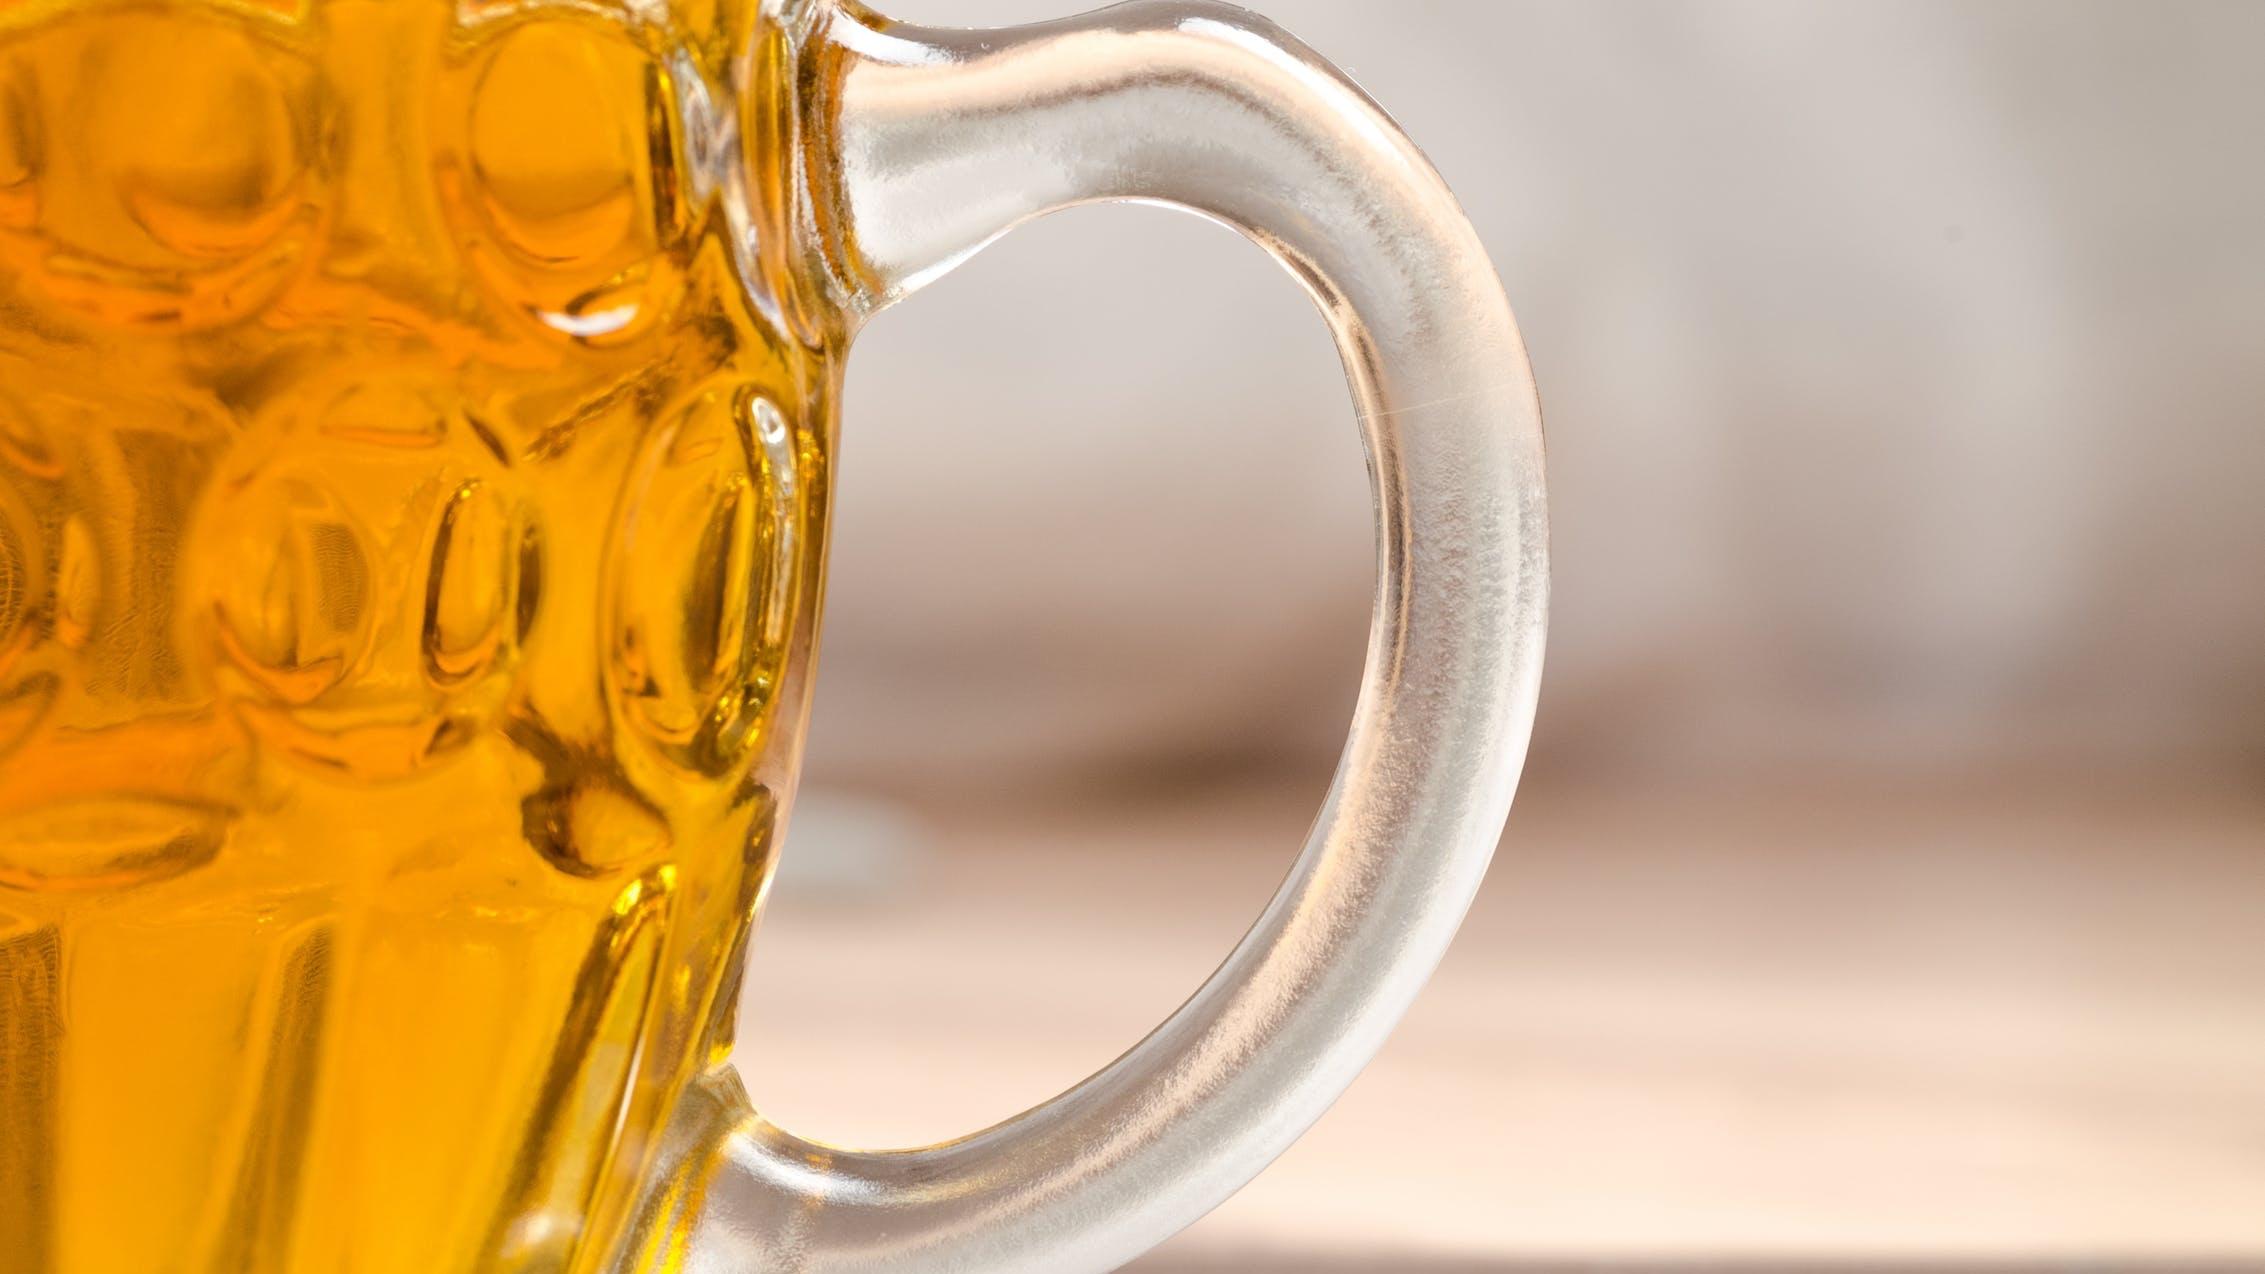 AKTUÁLNĚ V PRODEJI: - Osvald 10%, pivo světlé výčepníDalešická 11%, světlý ležákDallas 12%, American lagerDalešické Májové 13%, světlý speciál- absoluní vítěz soutěže Pivo České republiky 2019Fledermaus 13%, tmavý speciál